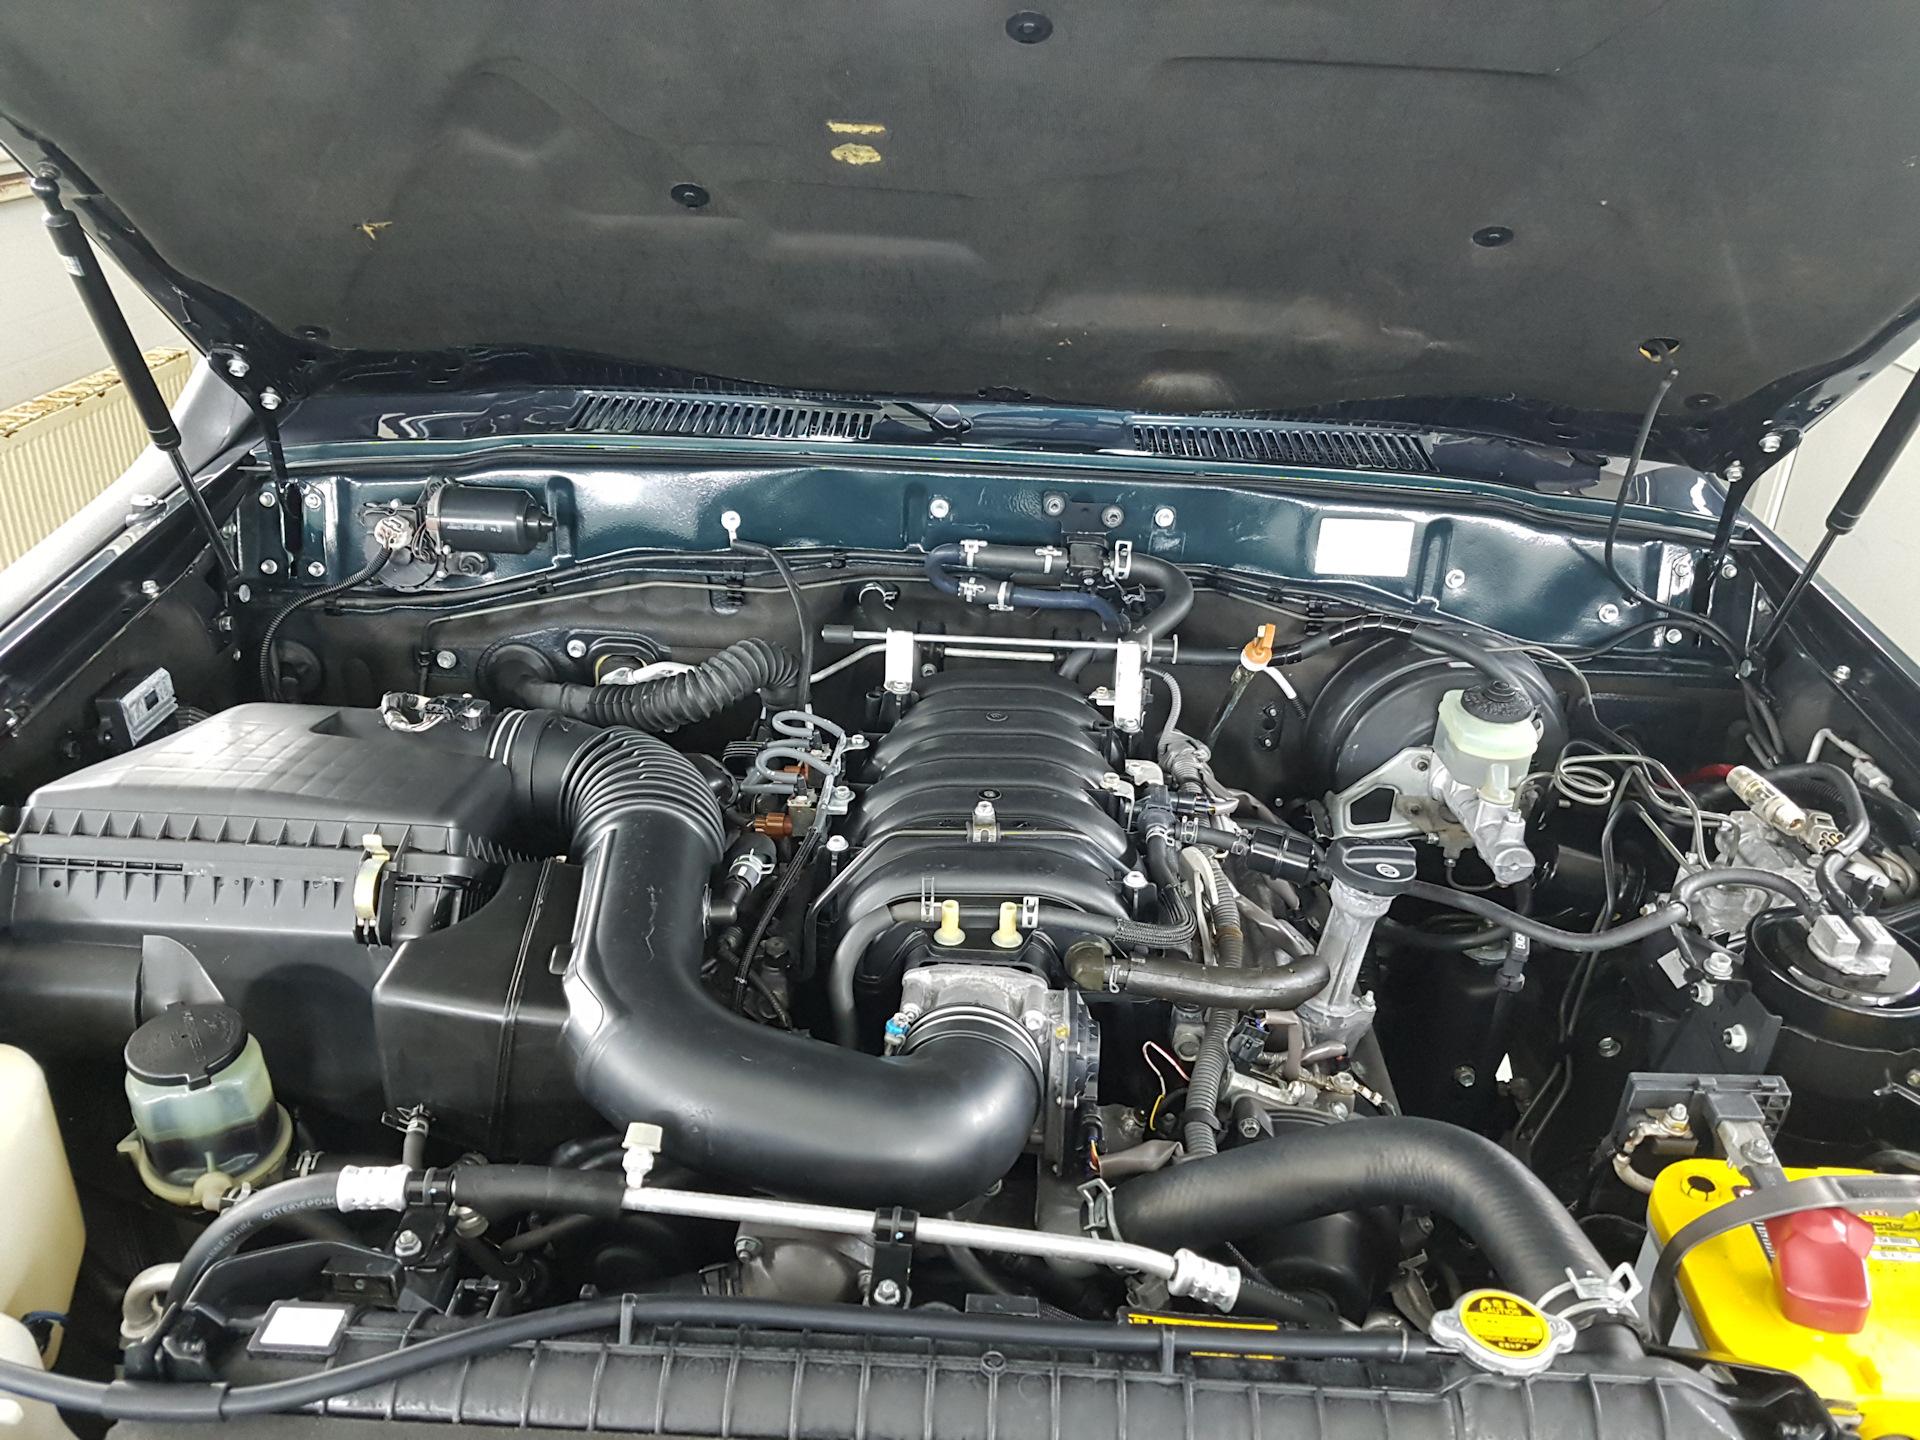 Двигатель 2UZ-FE характеристики, отзывы, проблемы, где можно купить?